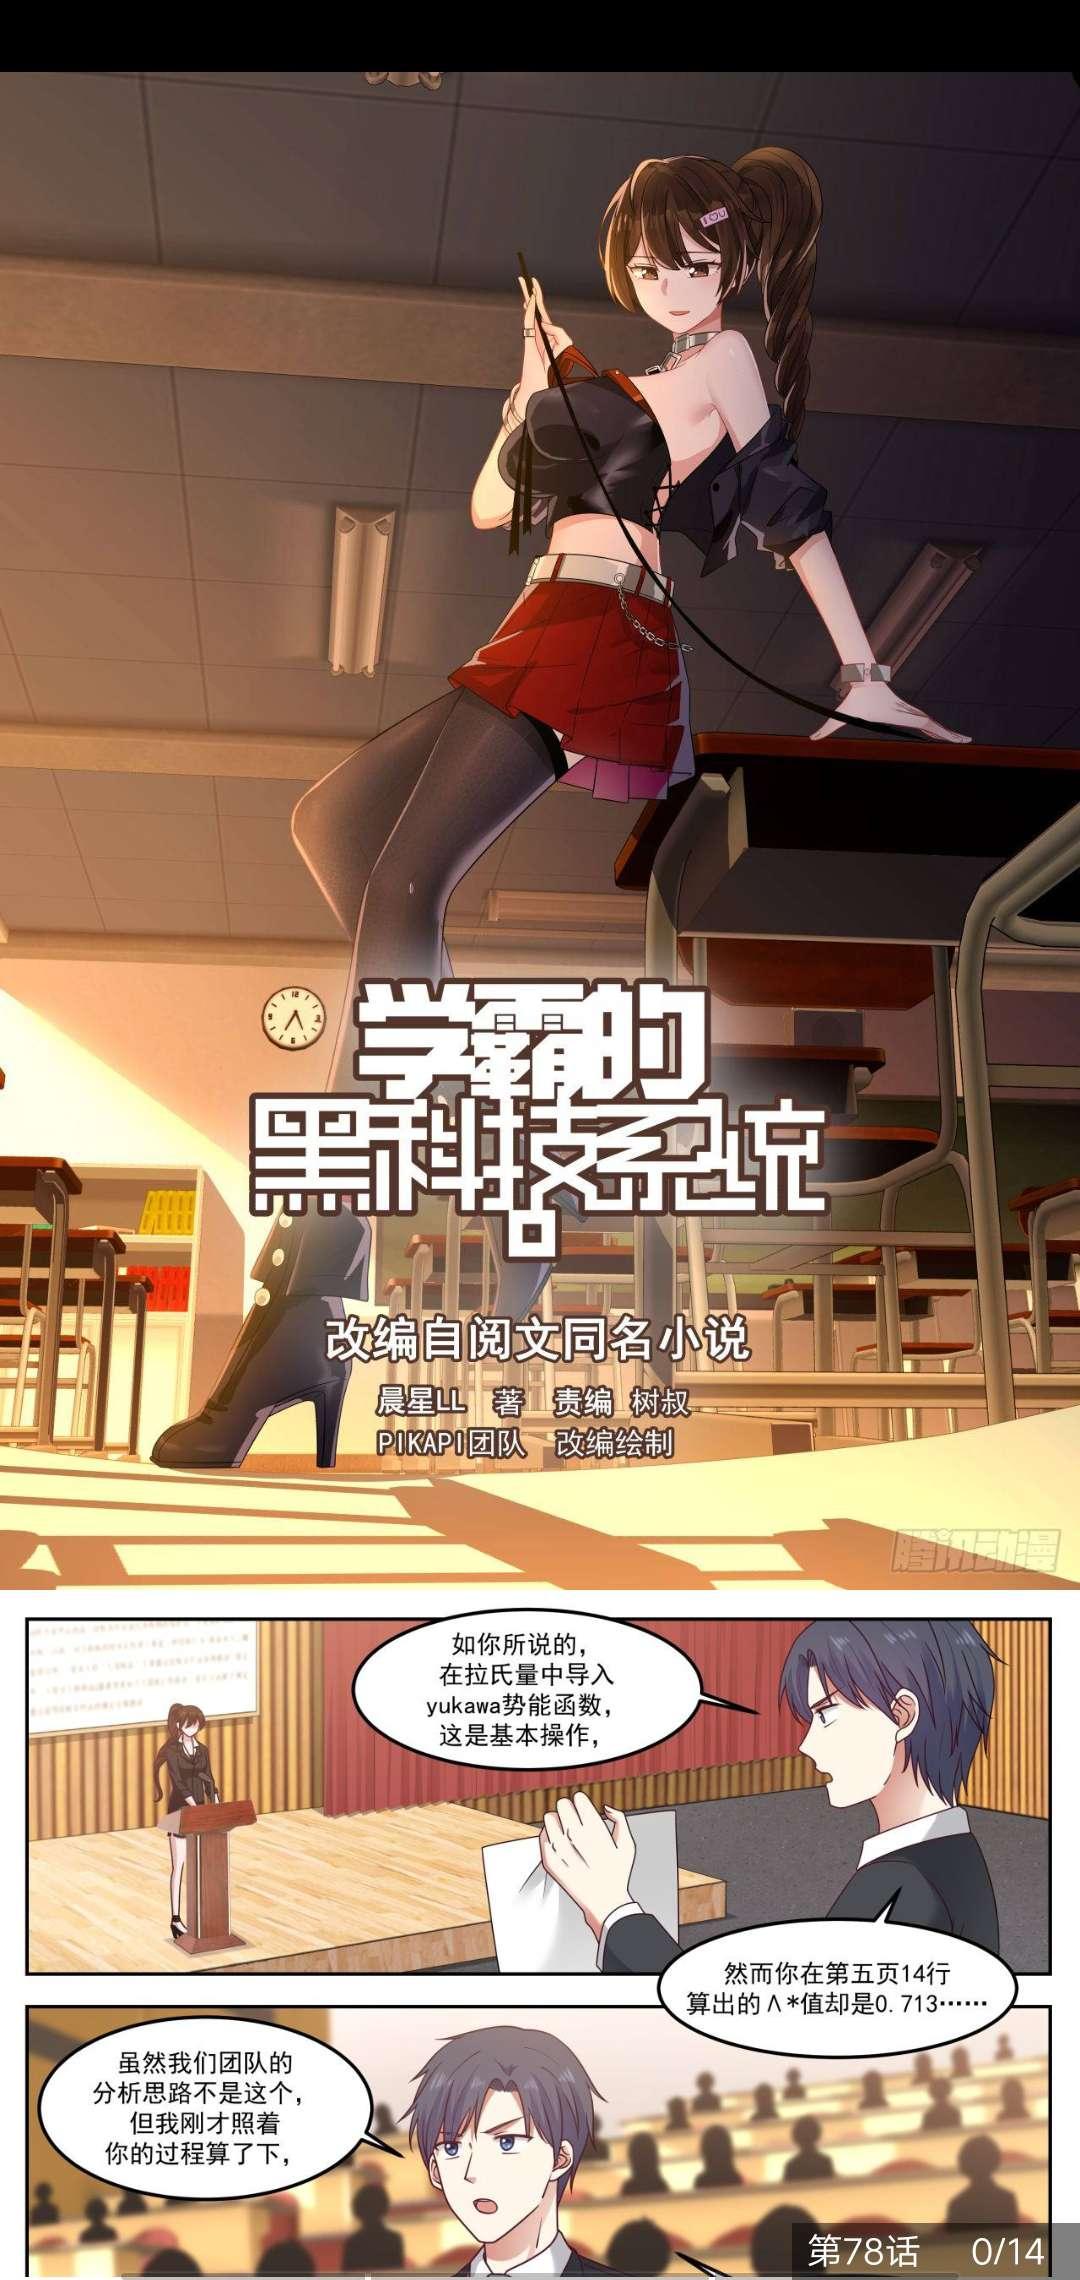 【漫画更新】学霸的黑科技系统-小柚妹站